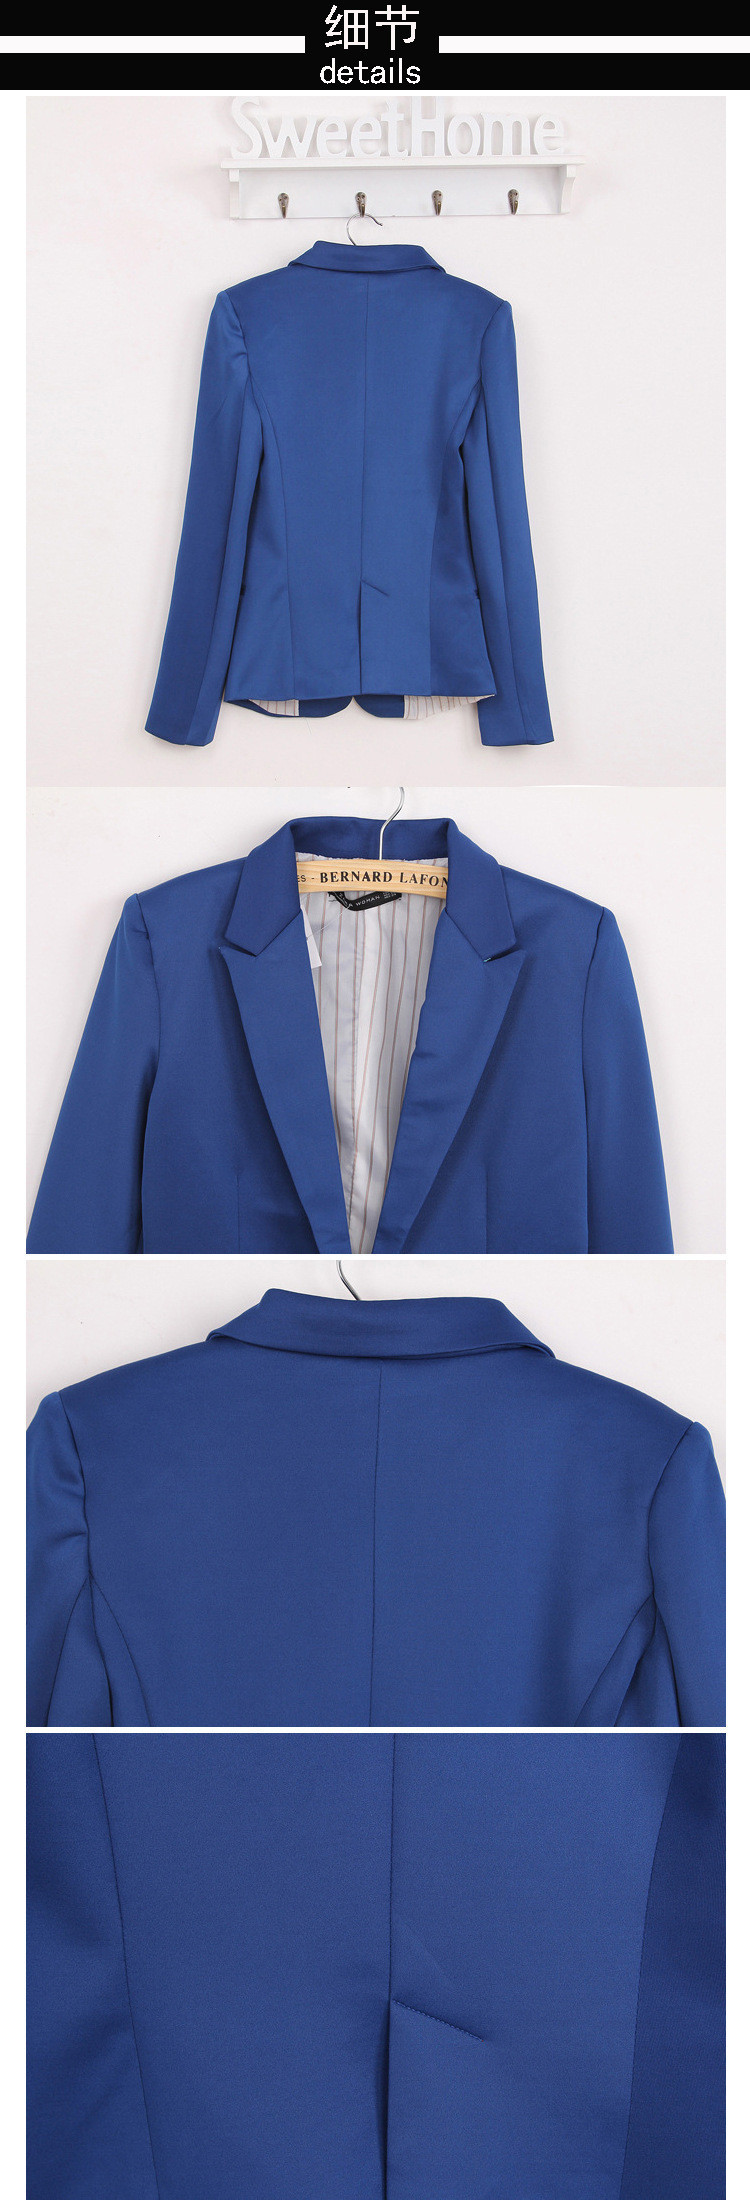 NOWY blazer kobiety kostiumu blezer składana marka kurtka wykonana z bawełny i elastanu z podszewką Vogue odśwież blazers 11